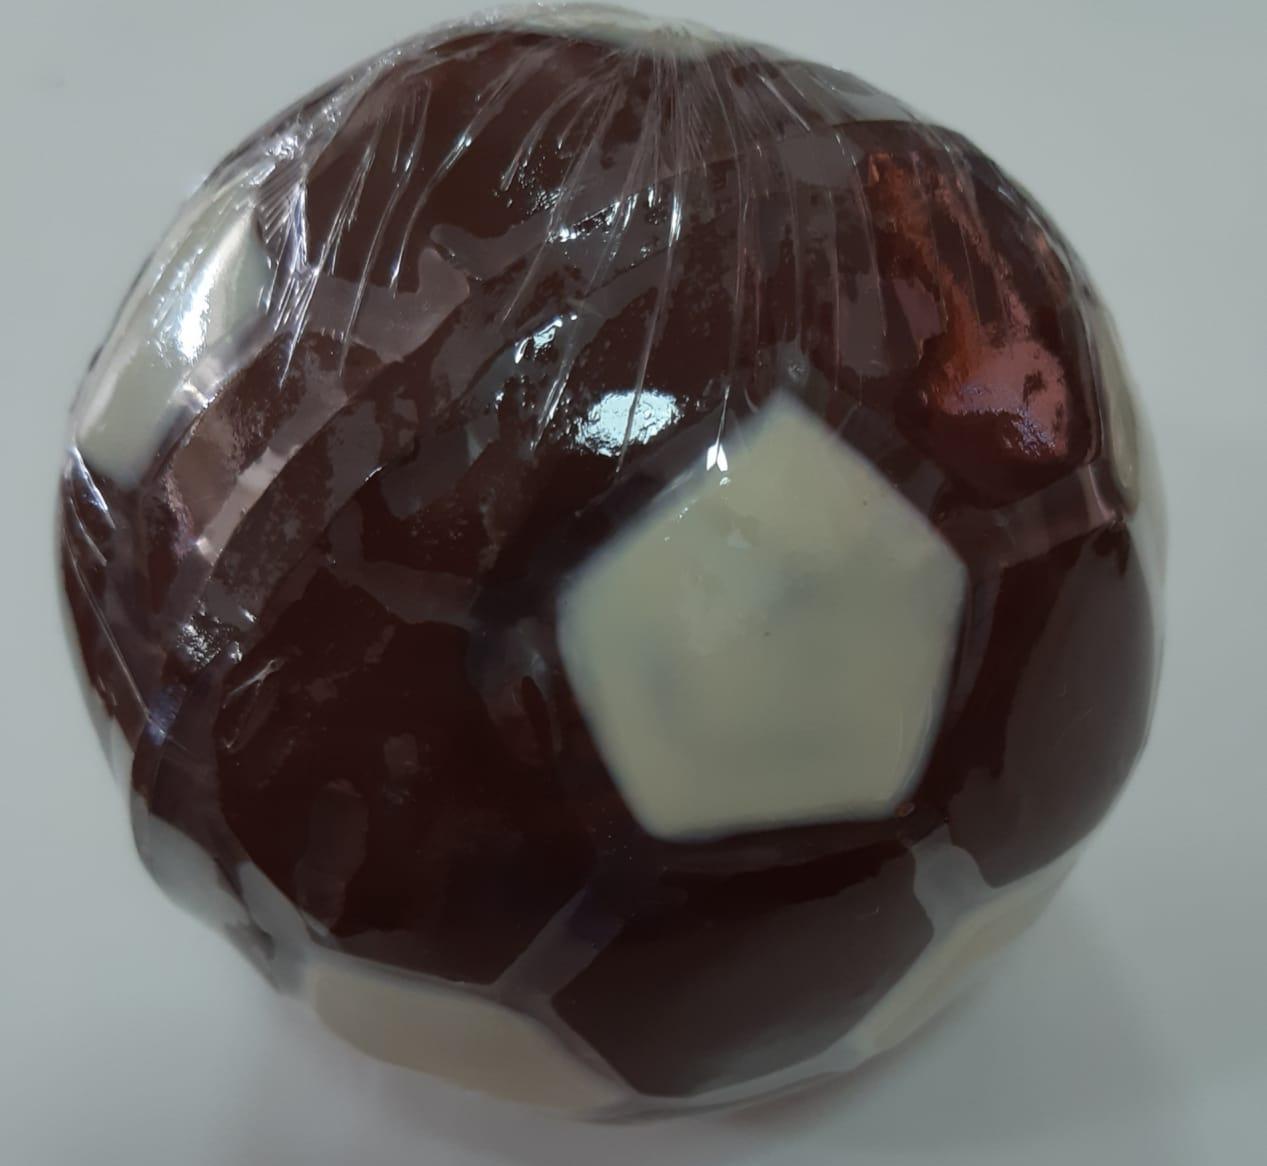 Choco Prove - Bola de chocolate ao leite 150 g